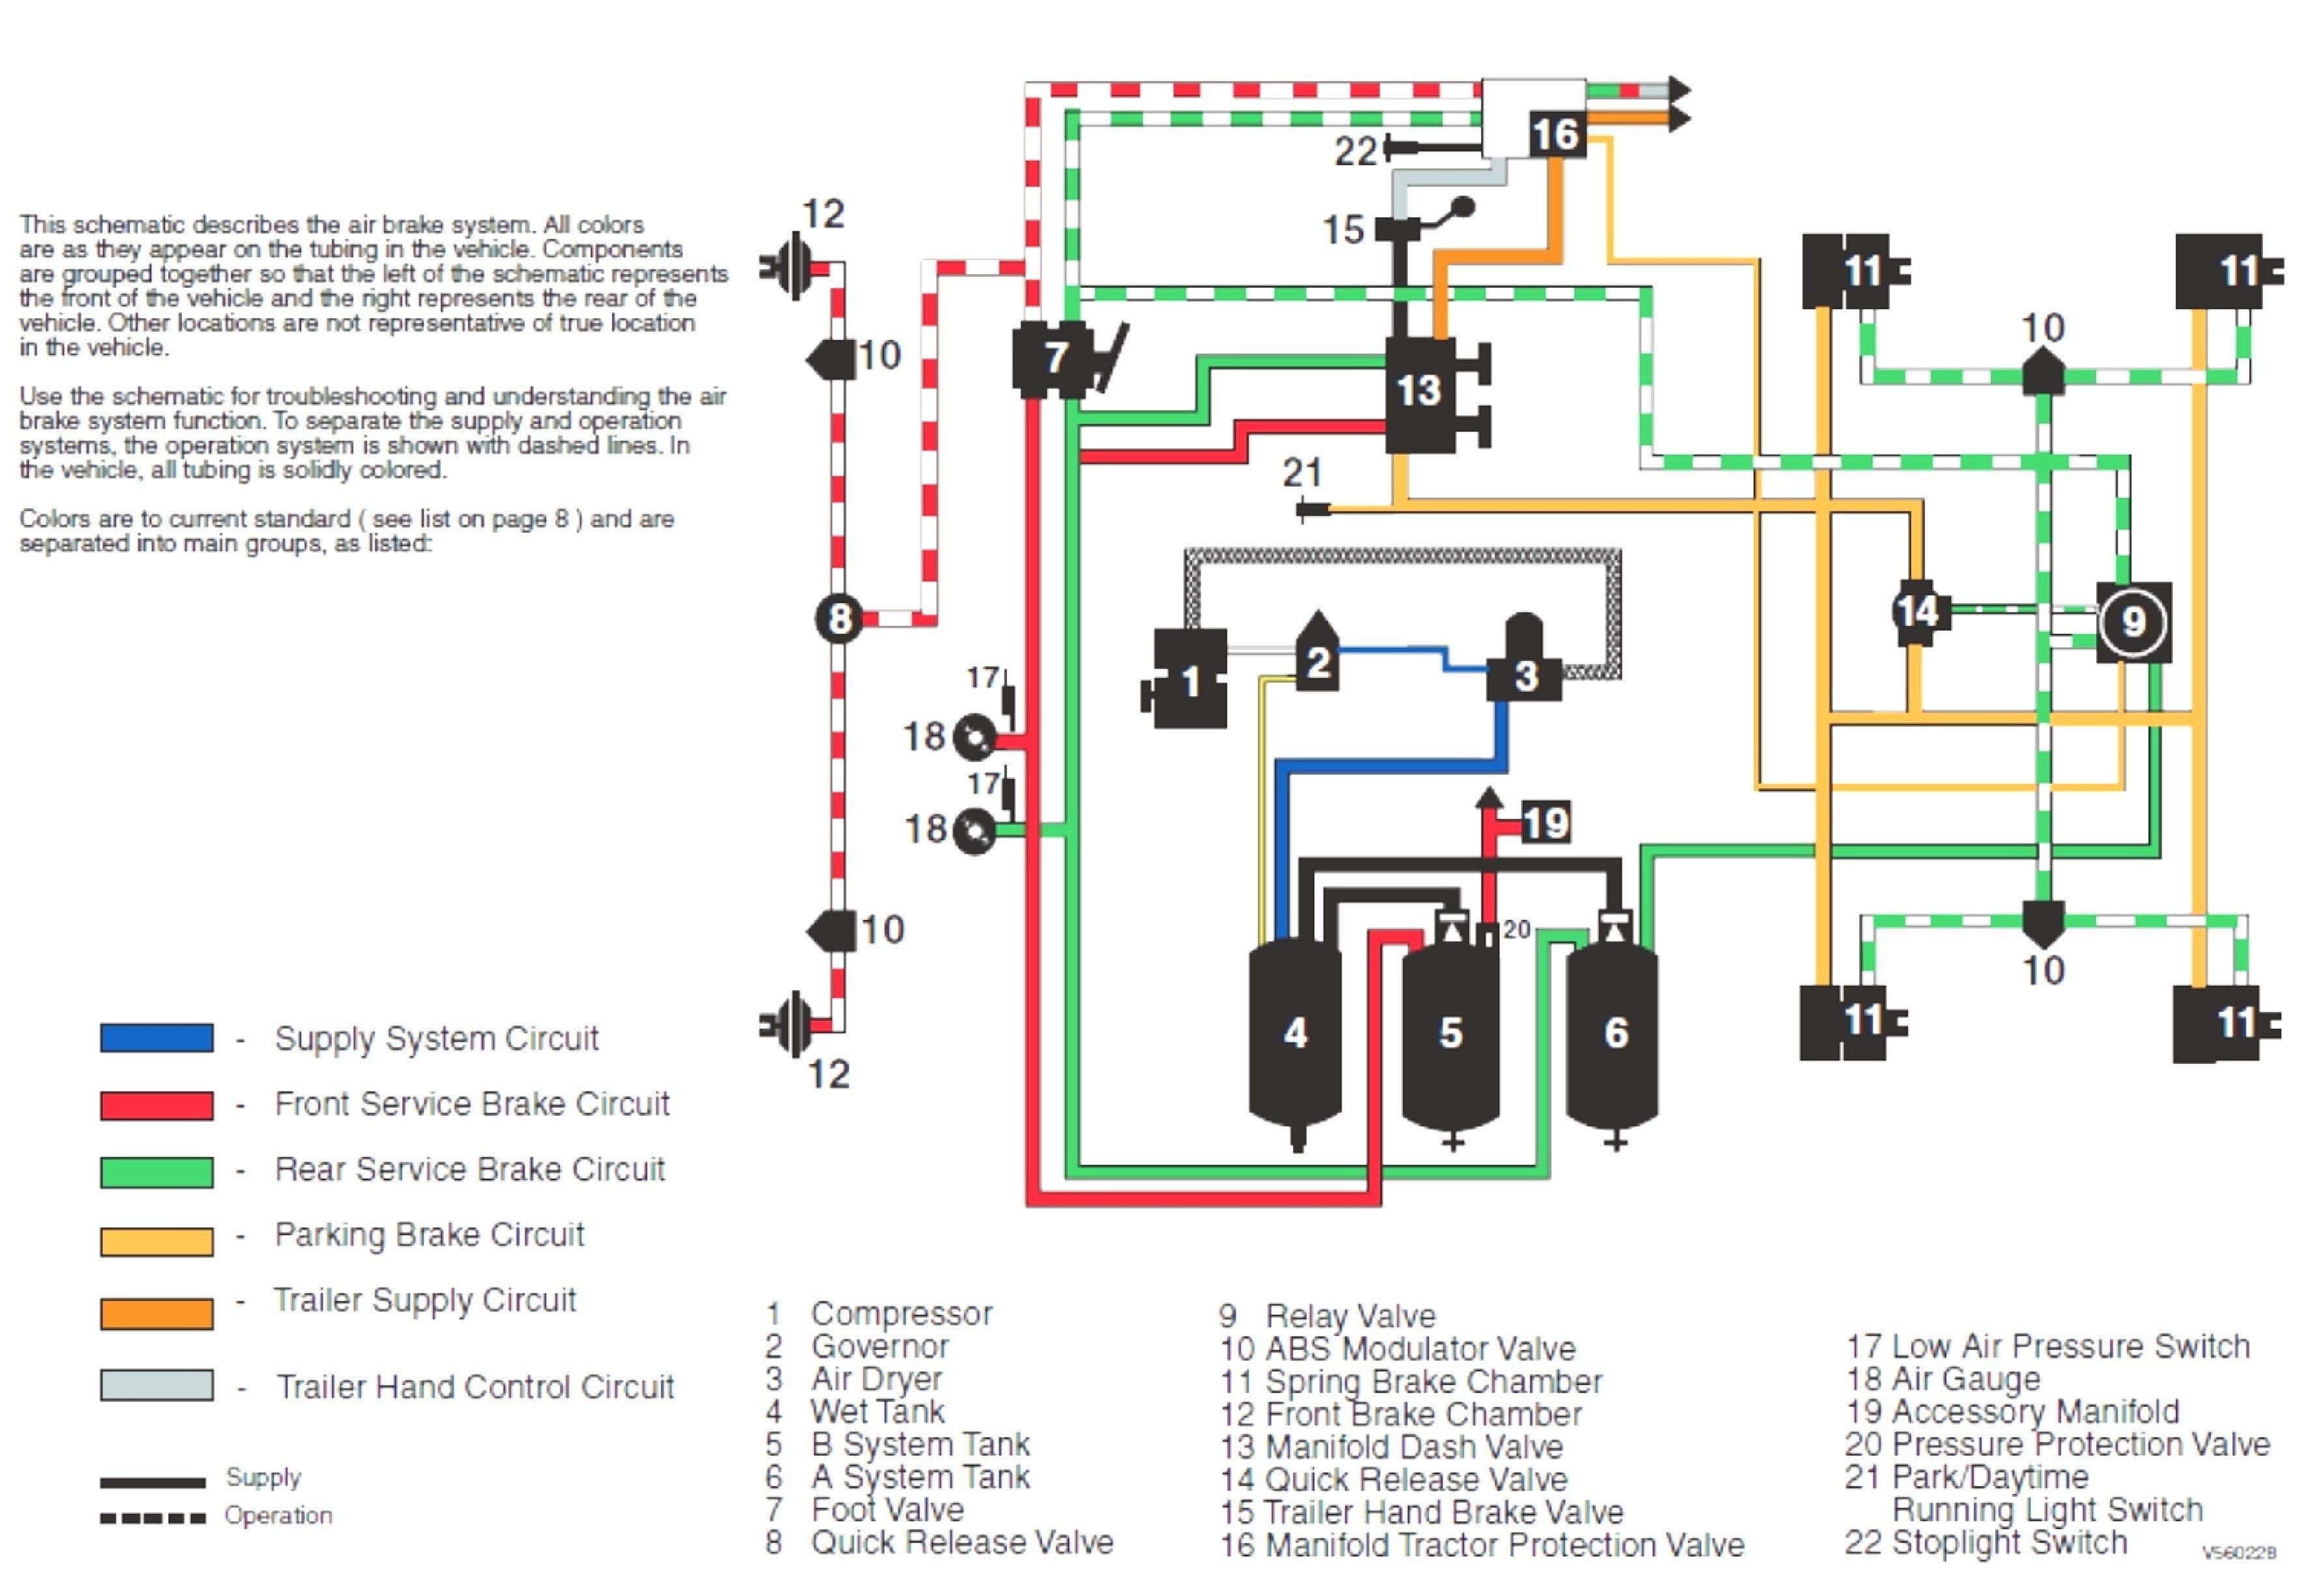 Pressure Switch Wiring Diagram Best Of In 2020 Trailer Wiring Diagram Air Brake Solar Panel Installation